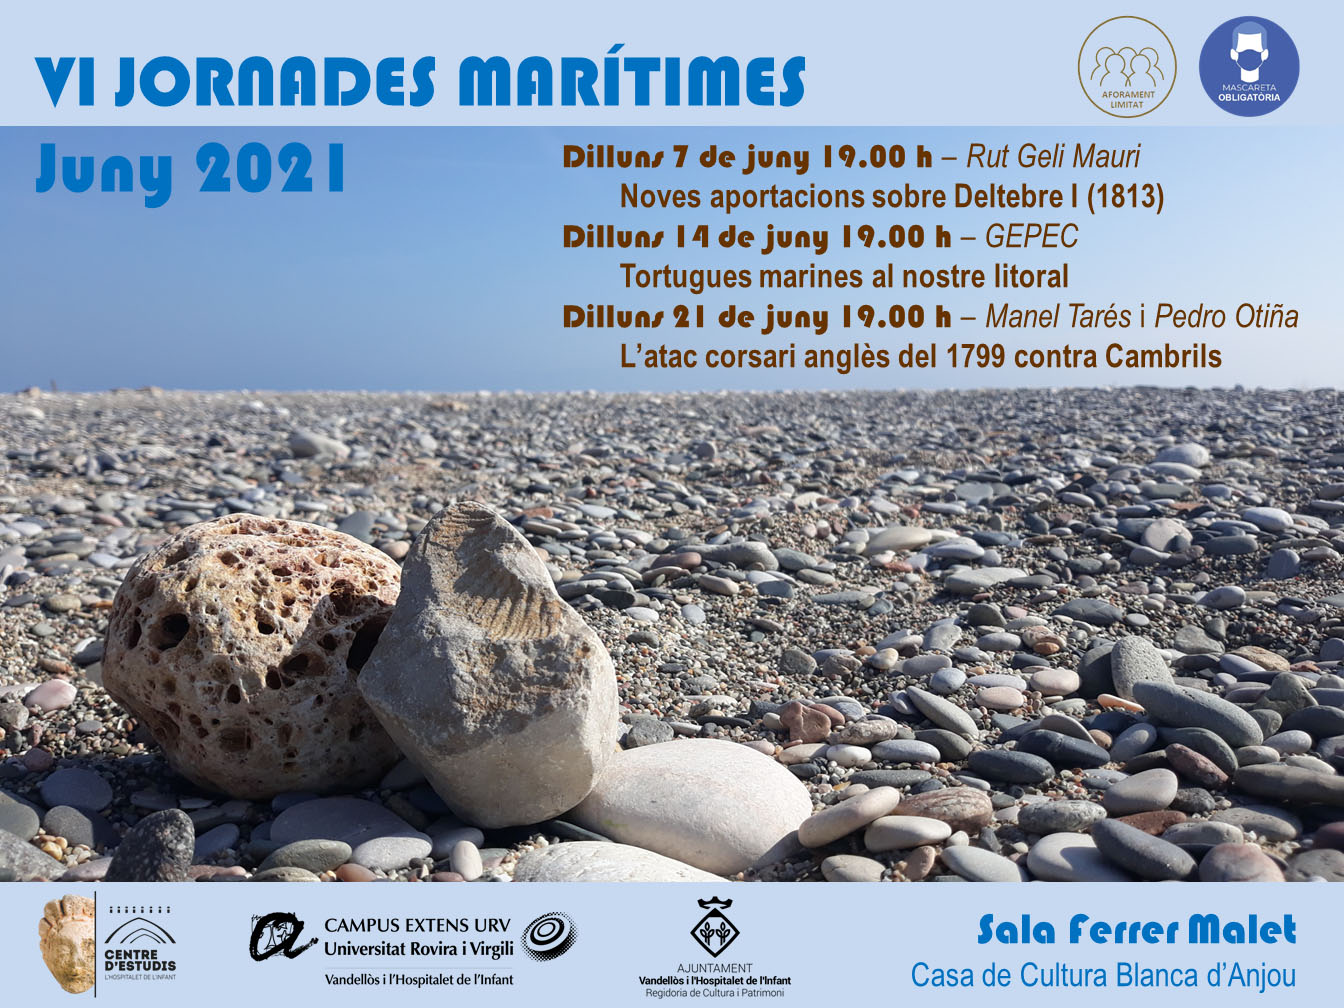 VI JORNADES MARÍTIMES / 14-06-2021, a les 19 h - Sala Ferrer Malet de la Casa de Cultura Blanca d'Anjou de l'Hospitalet de l'Infant